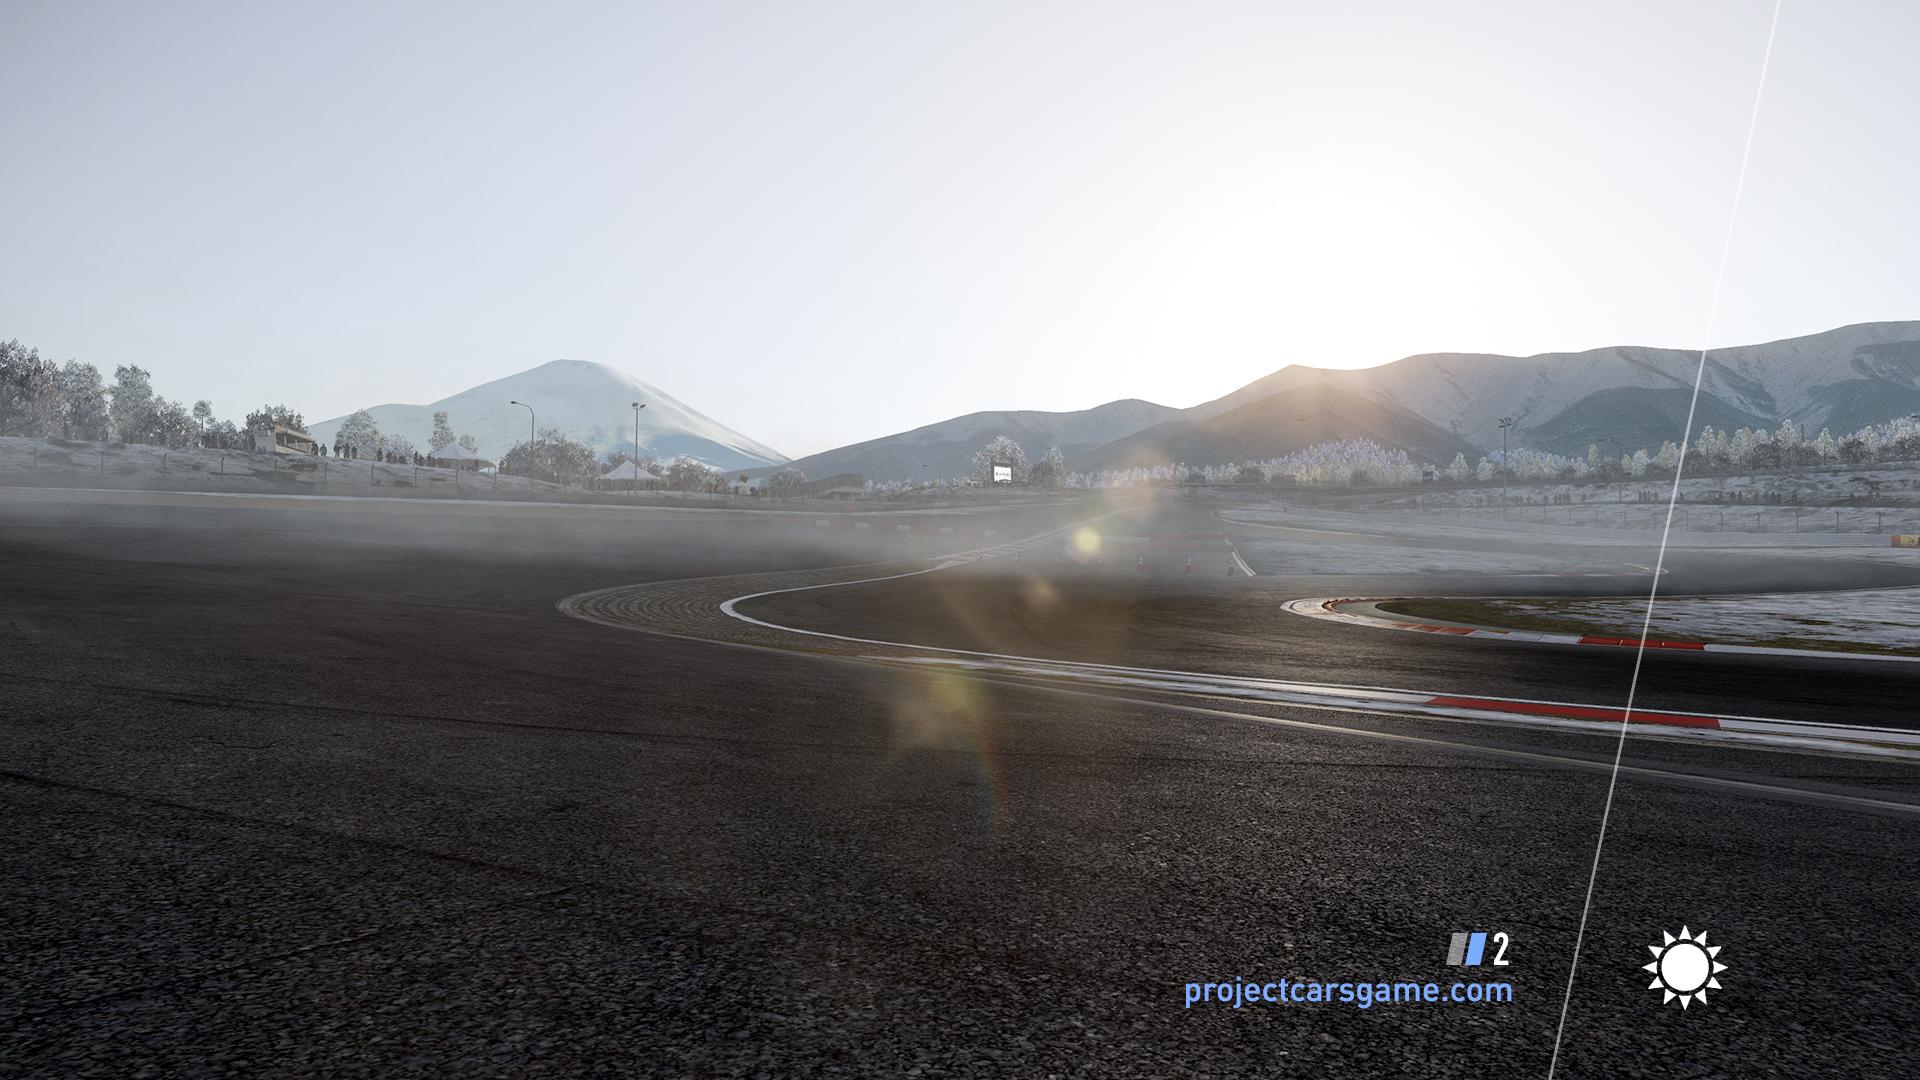 Oficiální obrázky potvrzují různé počasí v Project Cars 2 138003